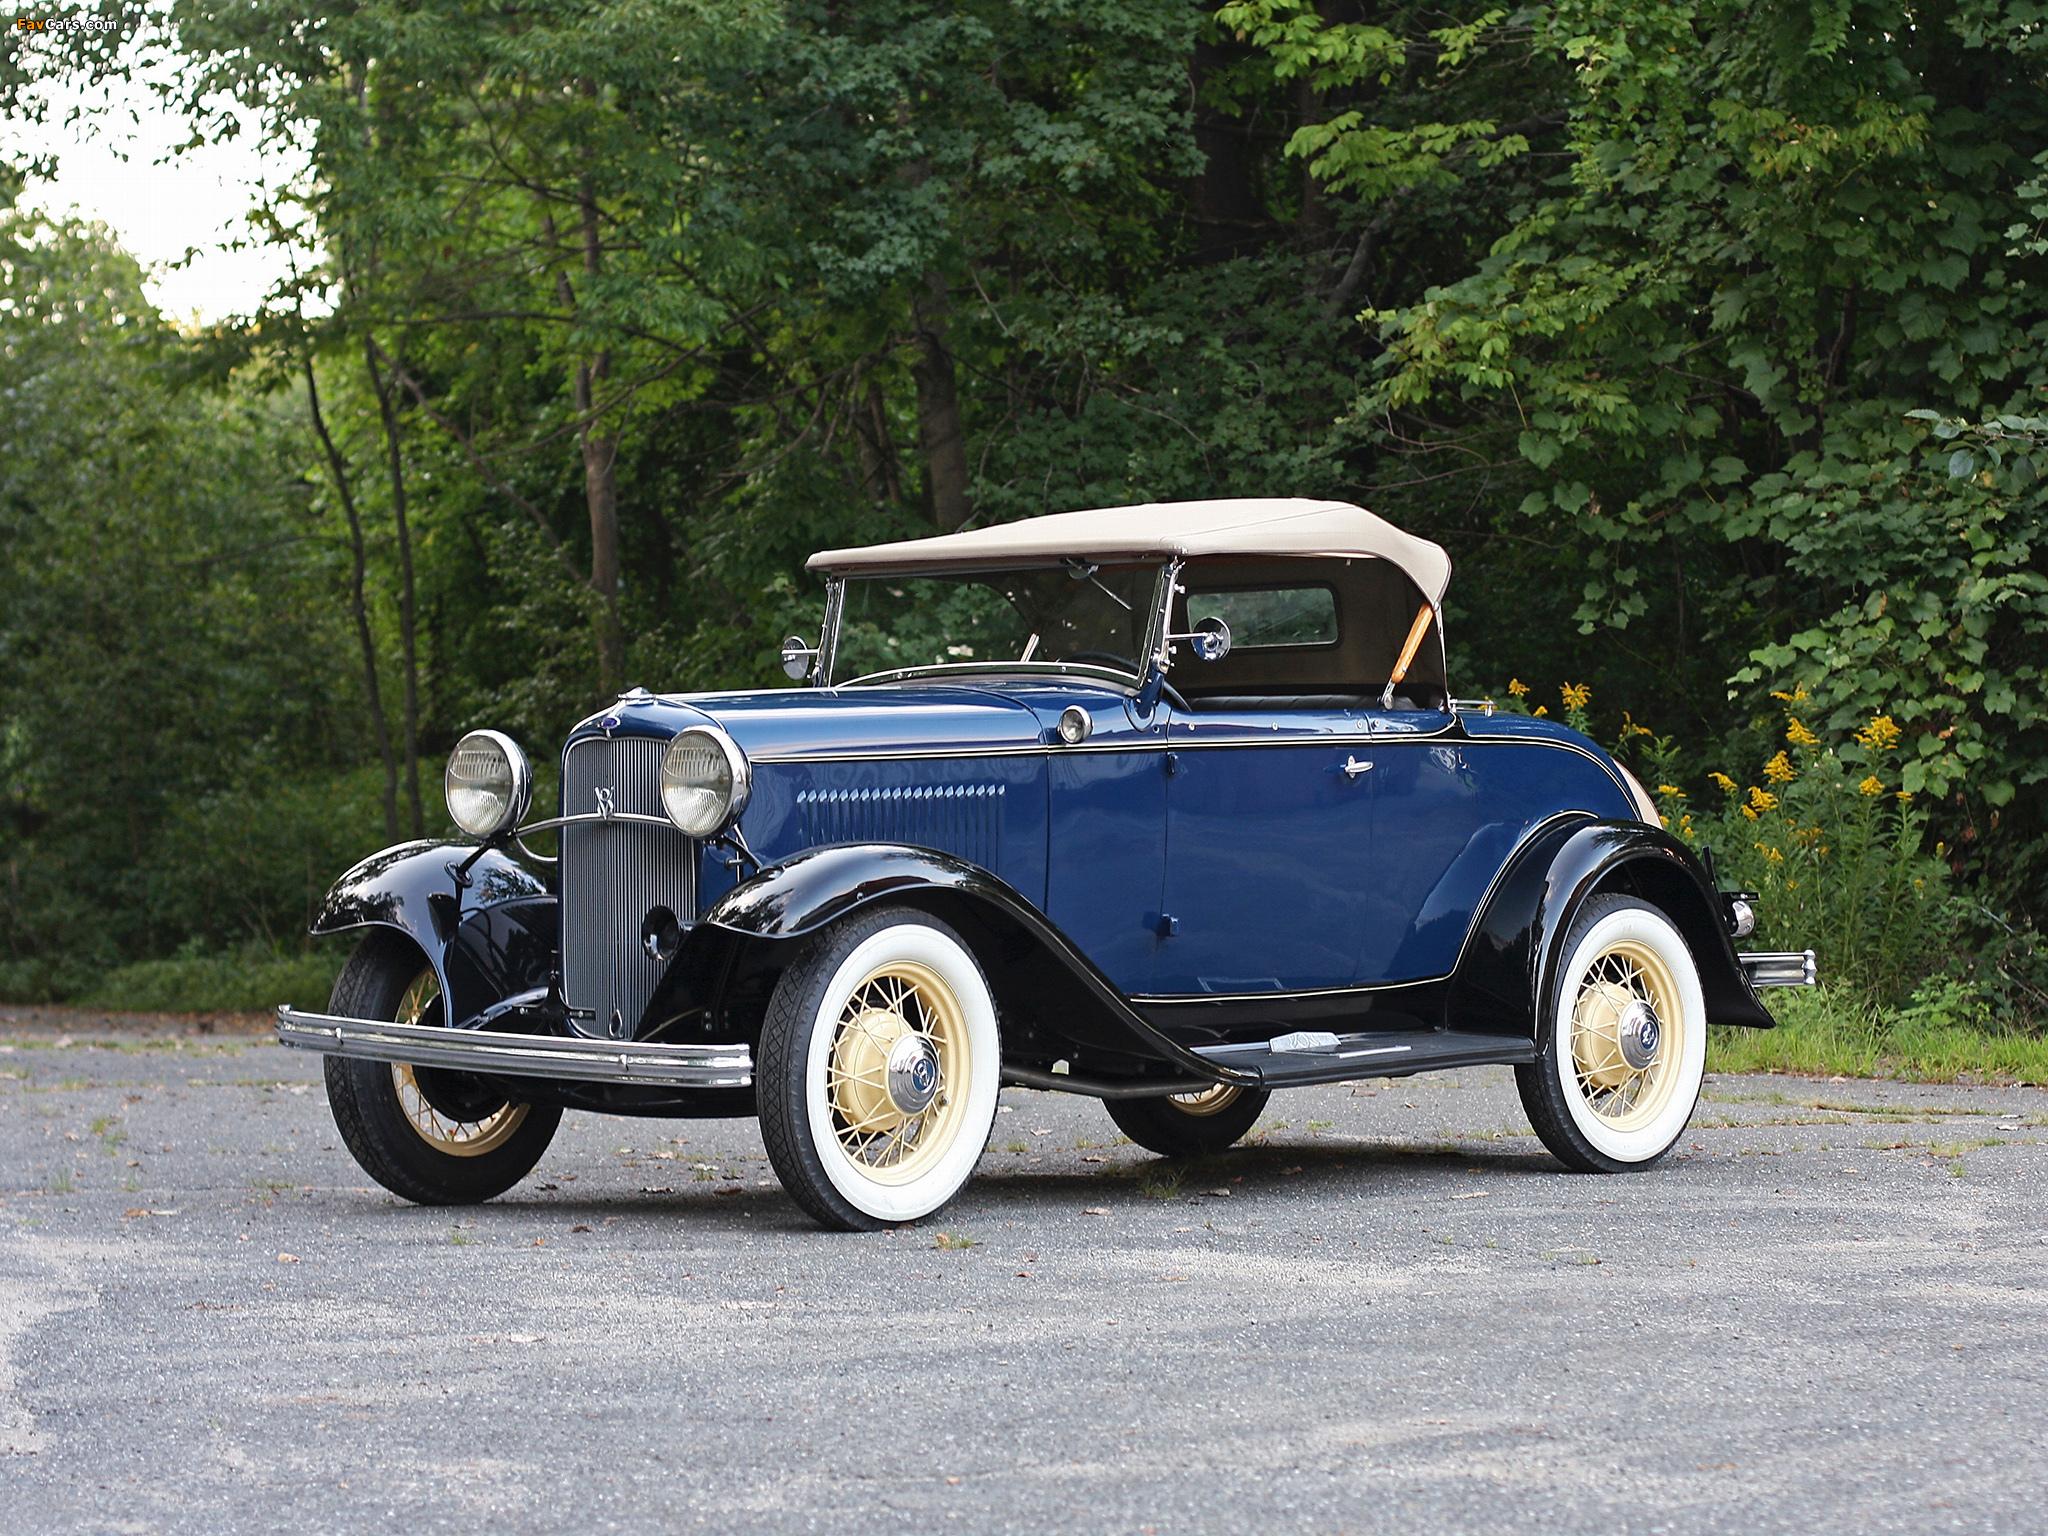 Original Ford Car